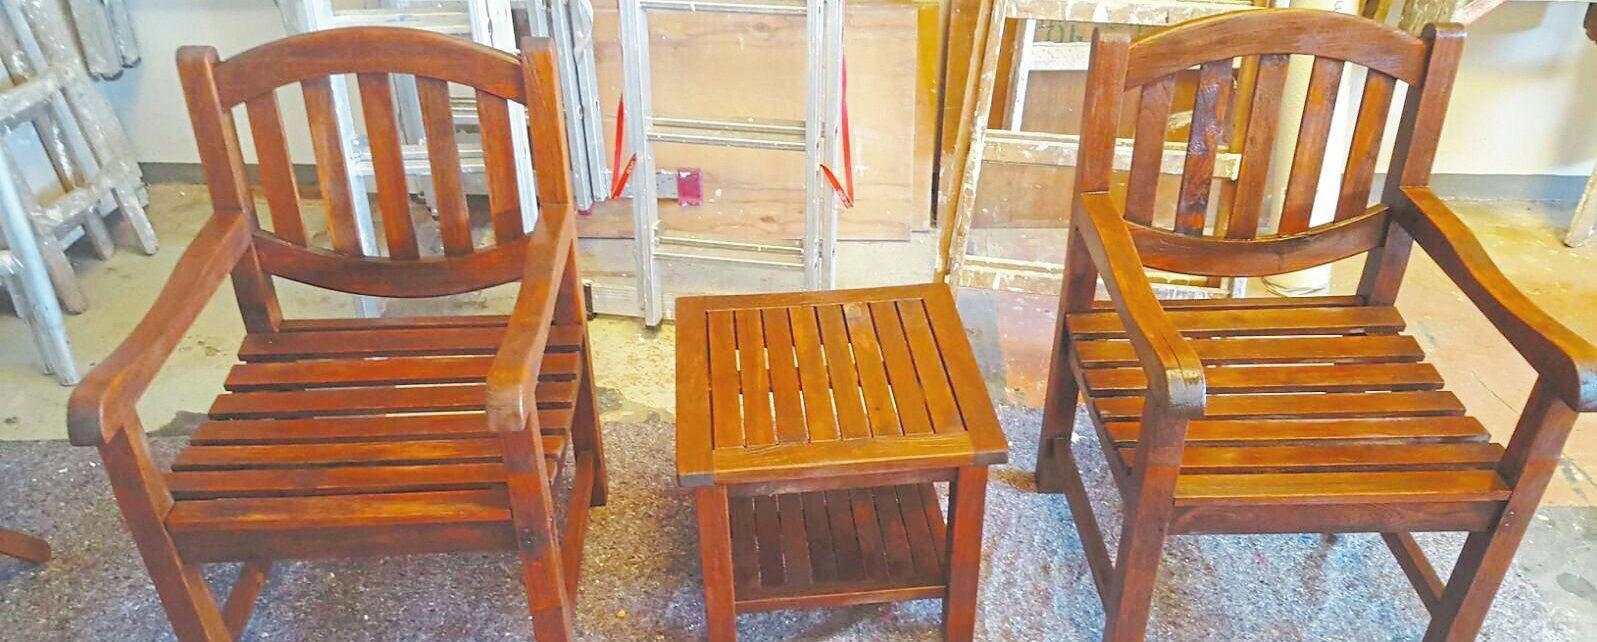 Der Malerbetrieb Pörtzel arbeitet vergraute Gartenmöbel wieder auf.